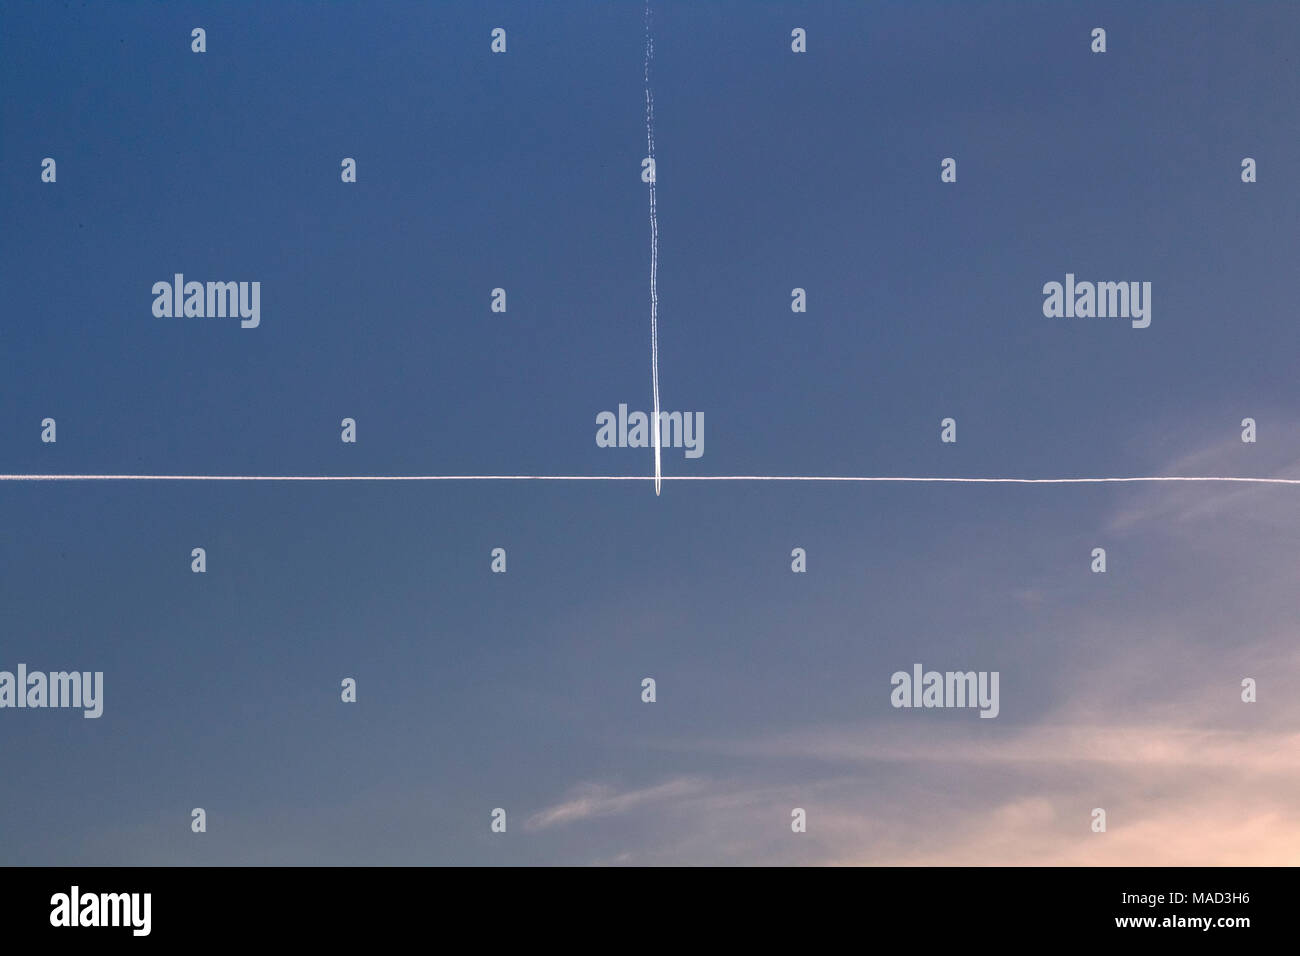 Relativ Rechter Winkel Stockfotos & Rechter Winkel Bilder - Alamy OK53